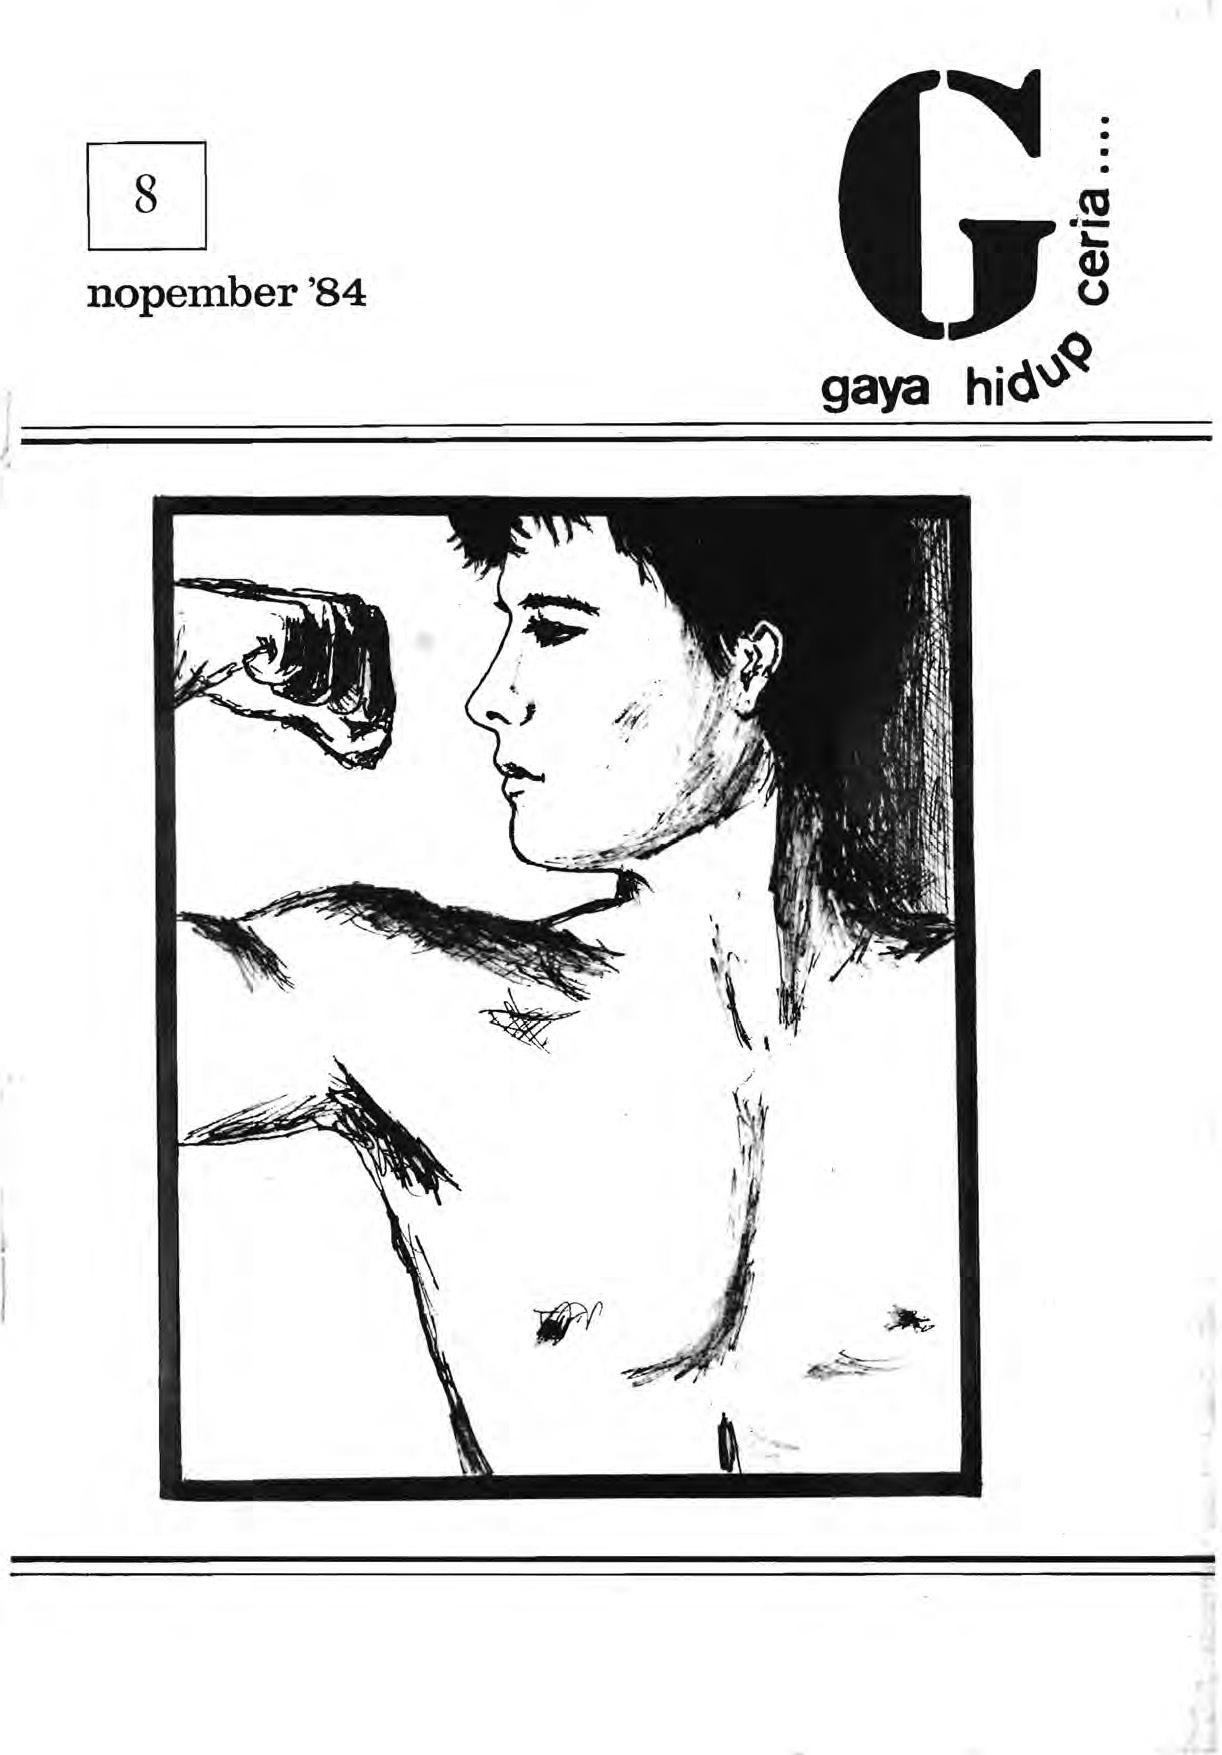 Sampul majalah Gaya Hidup Ceria pada 1982. Foto oleh Queer Indonesia Archive.